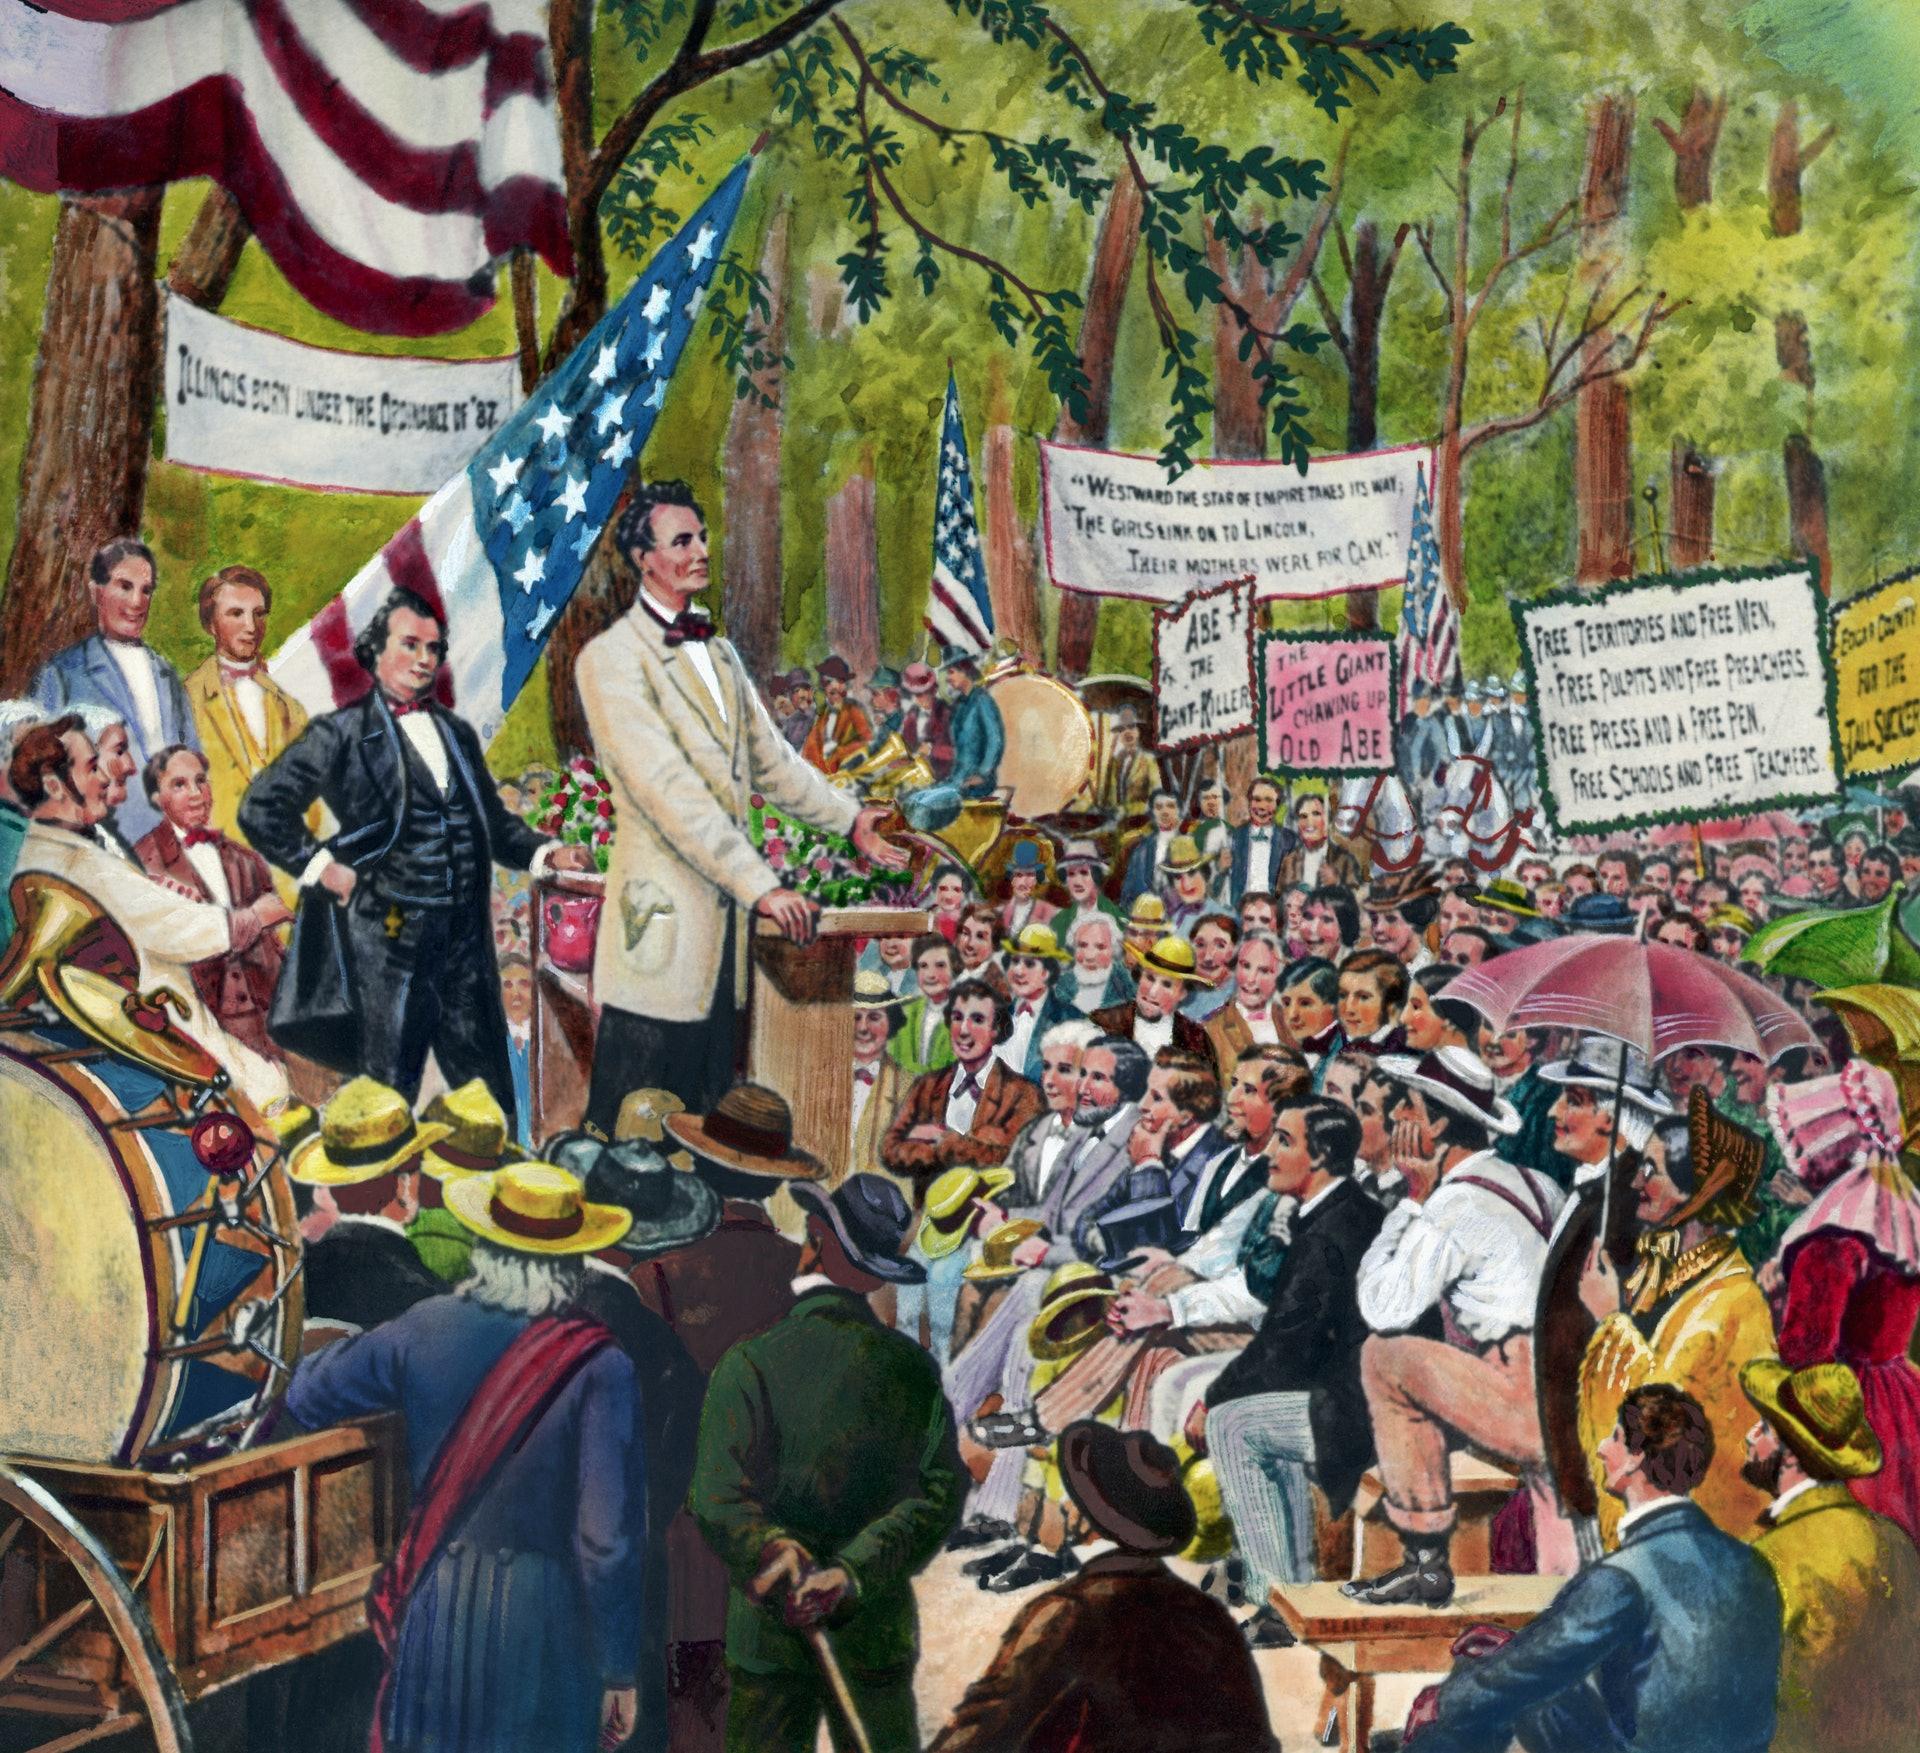 美国总统候选人辩论1:据美国务院网站9月13日发布的文章,林肯1958年挑战时任参议员道格拉斯的议席,二人为此举行过7场辩论。 由于奴隶制是当时一个迫切的问题,辩论的新闻传遍全美各地。 道格拉斯最终成功连任,但林肯在2年后当选美国总统。 图画描绘1858年林肯处于与道格拉斯辩论的场地中。 (Getty)